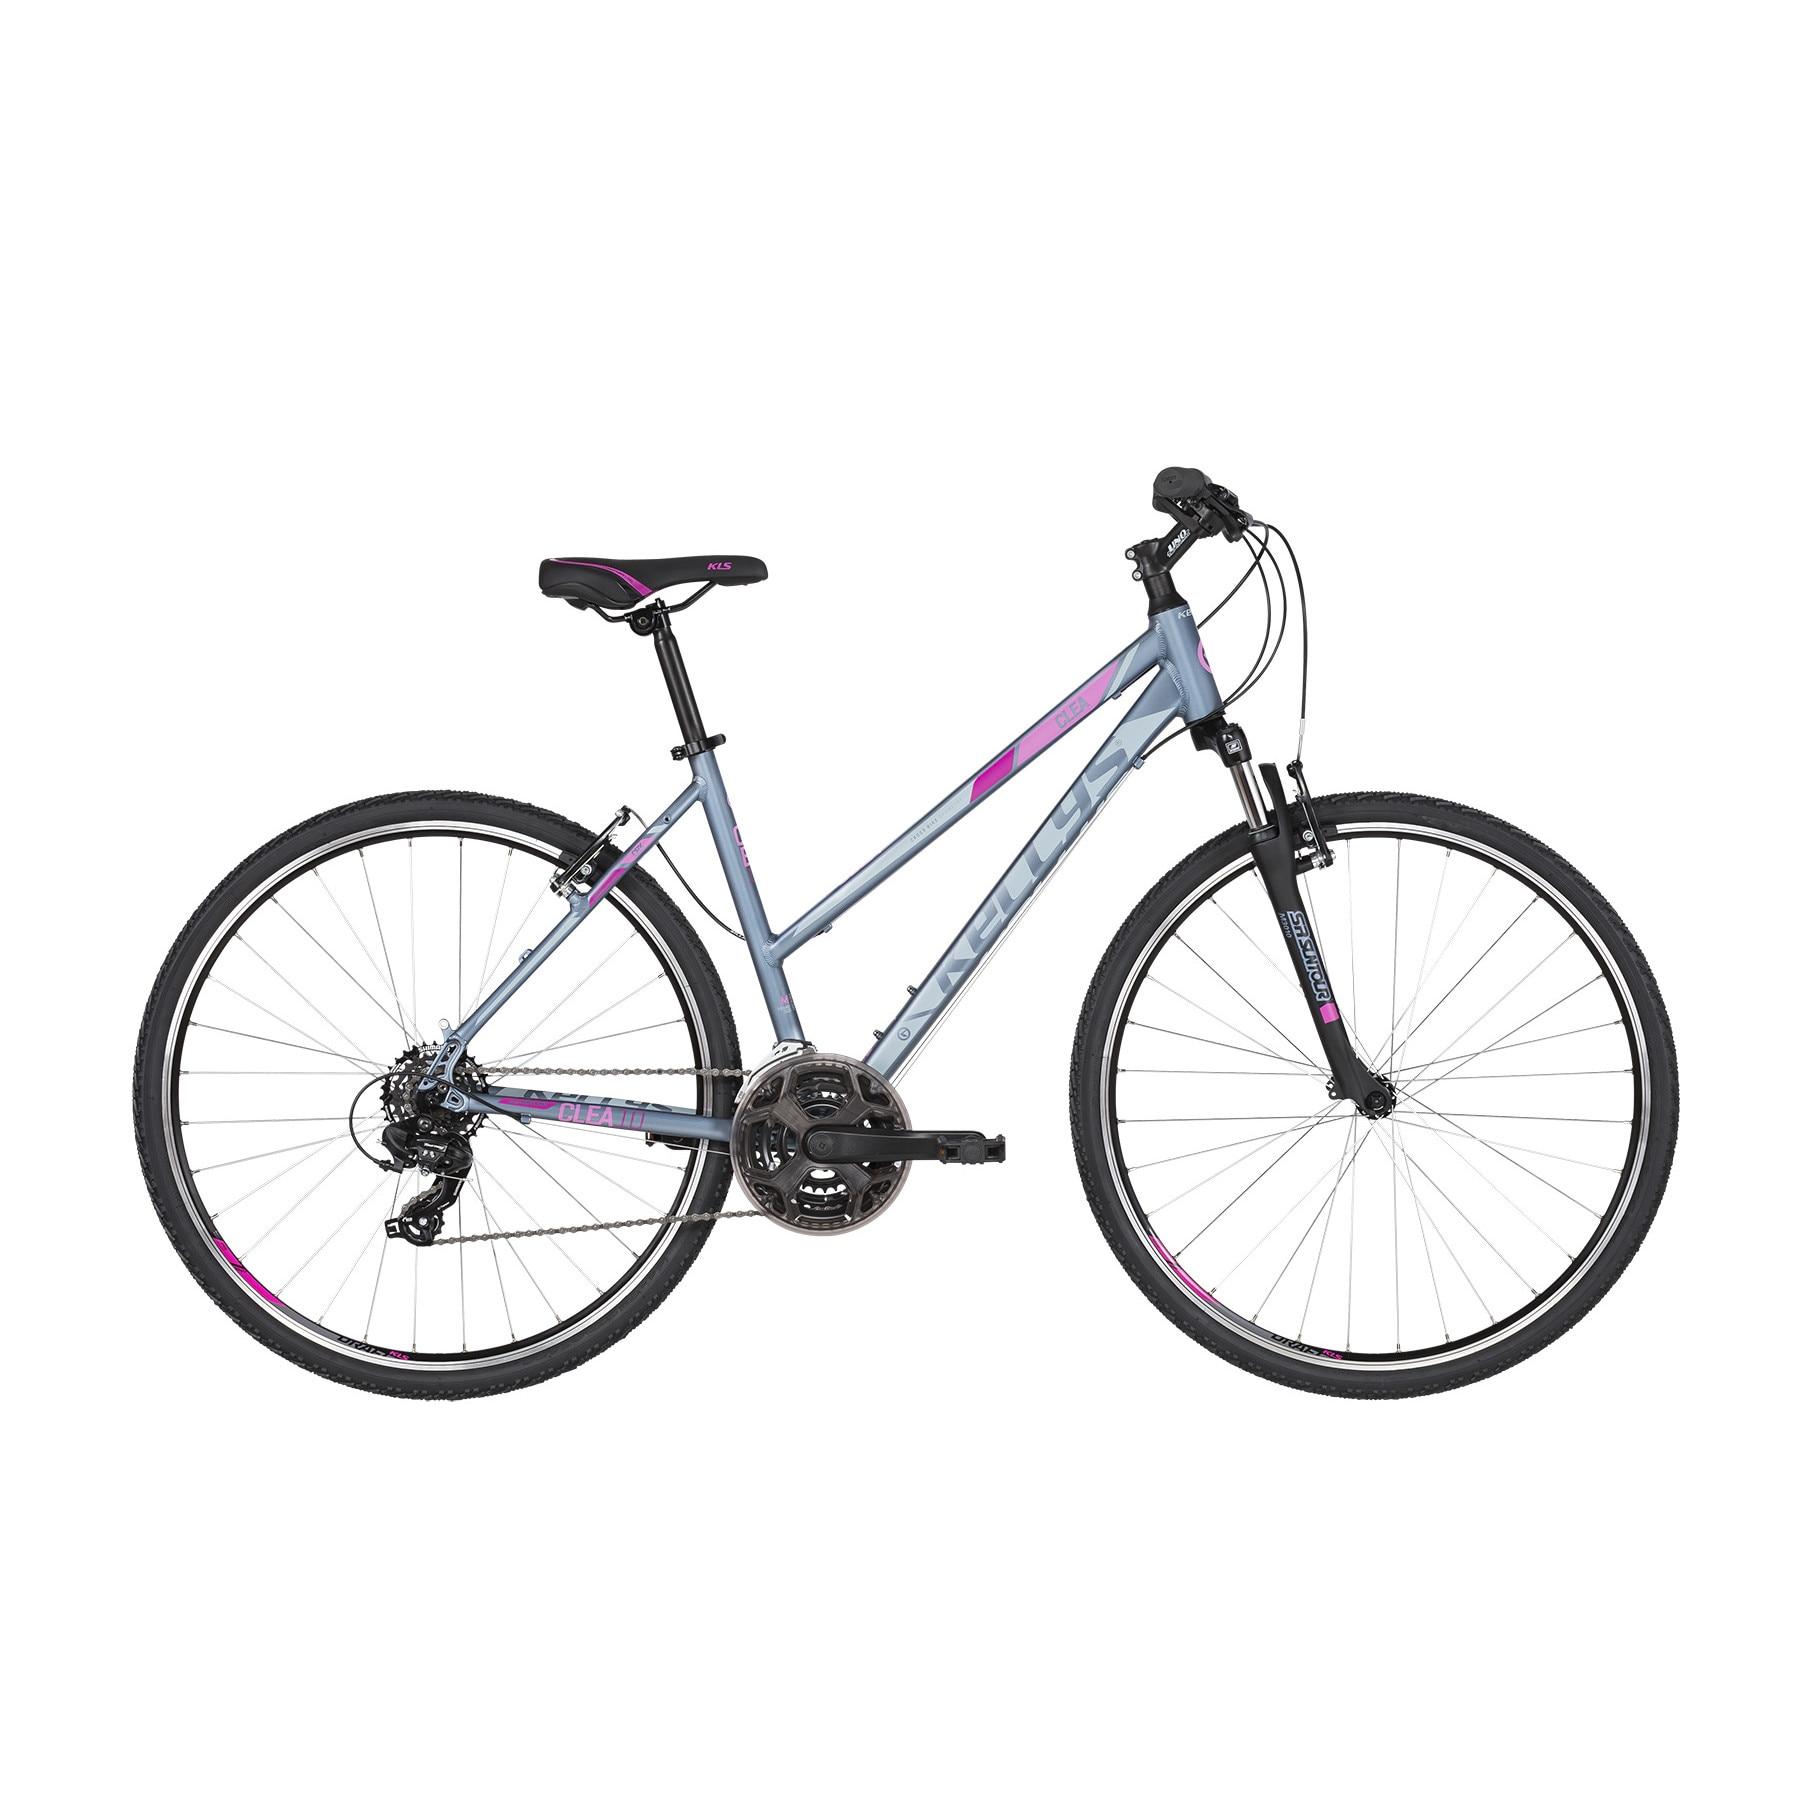 Férfi, női és gyerek bicajok akciós áron a Speedbike